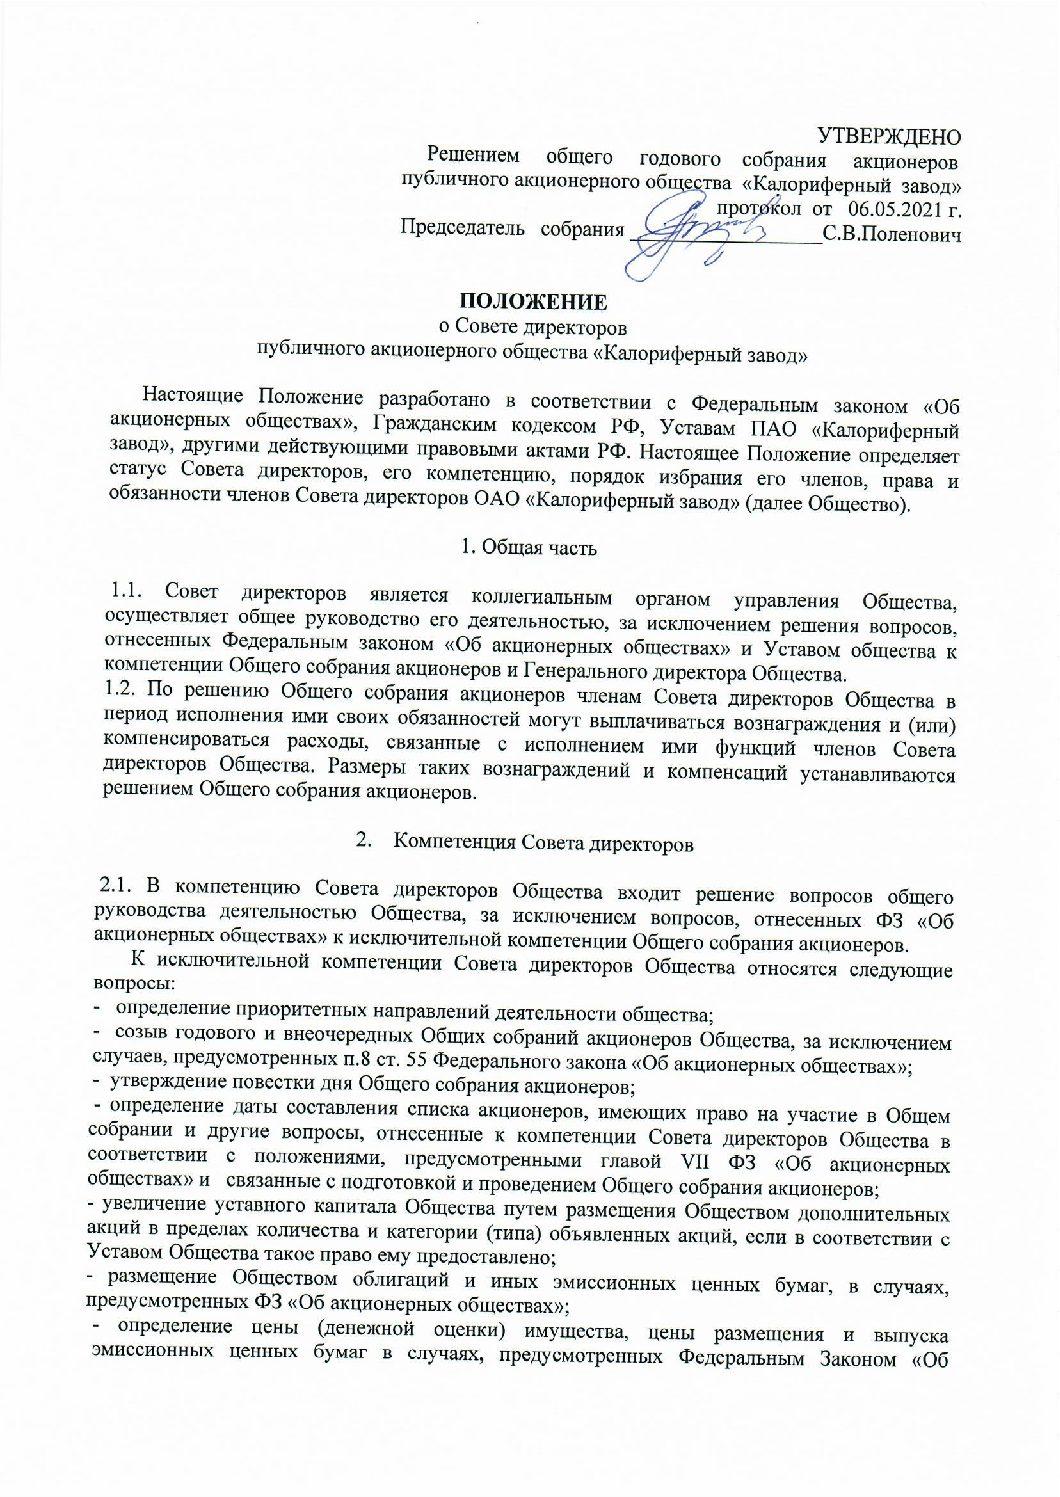 Положение о совете директоров от 06.05.2021